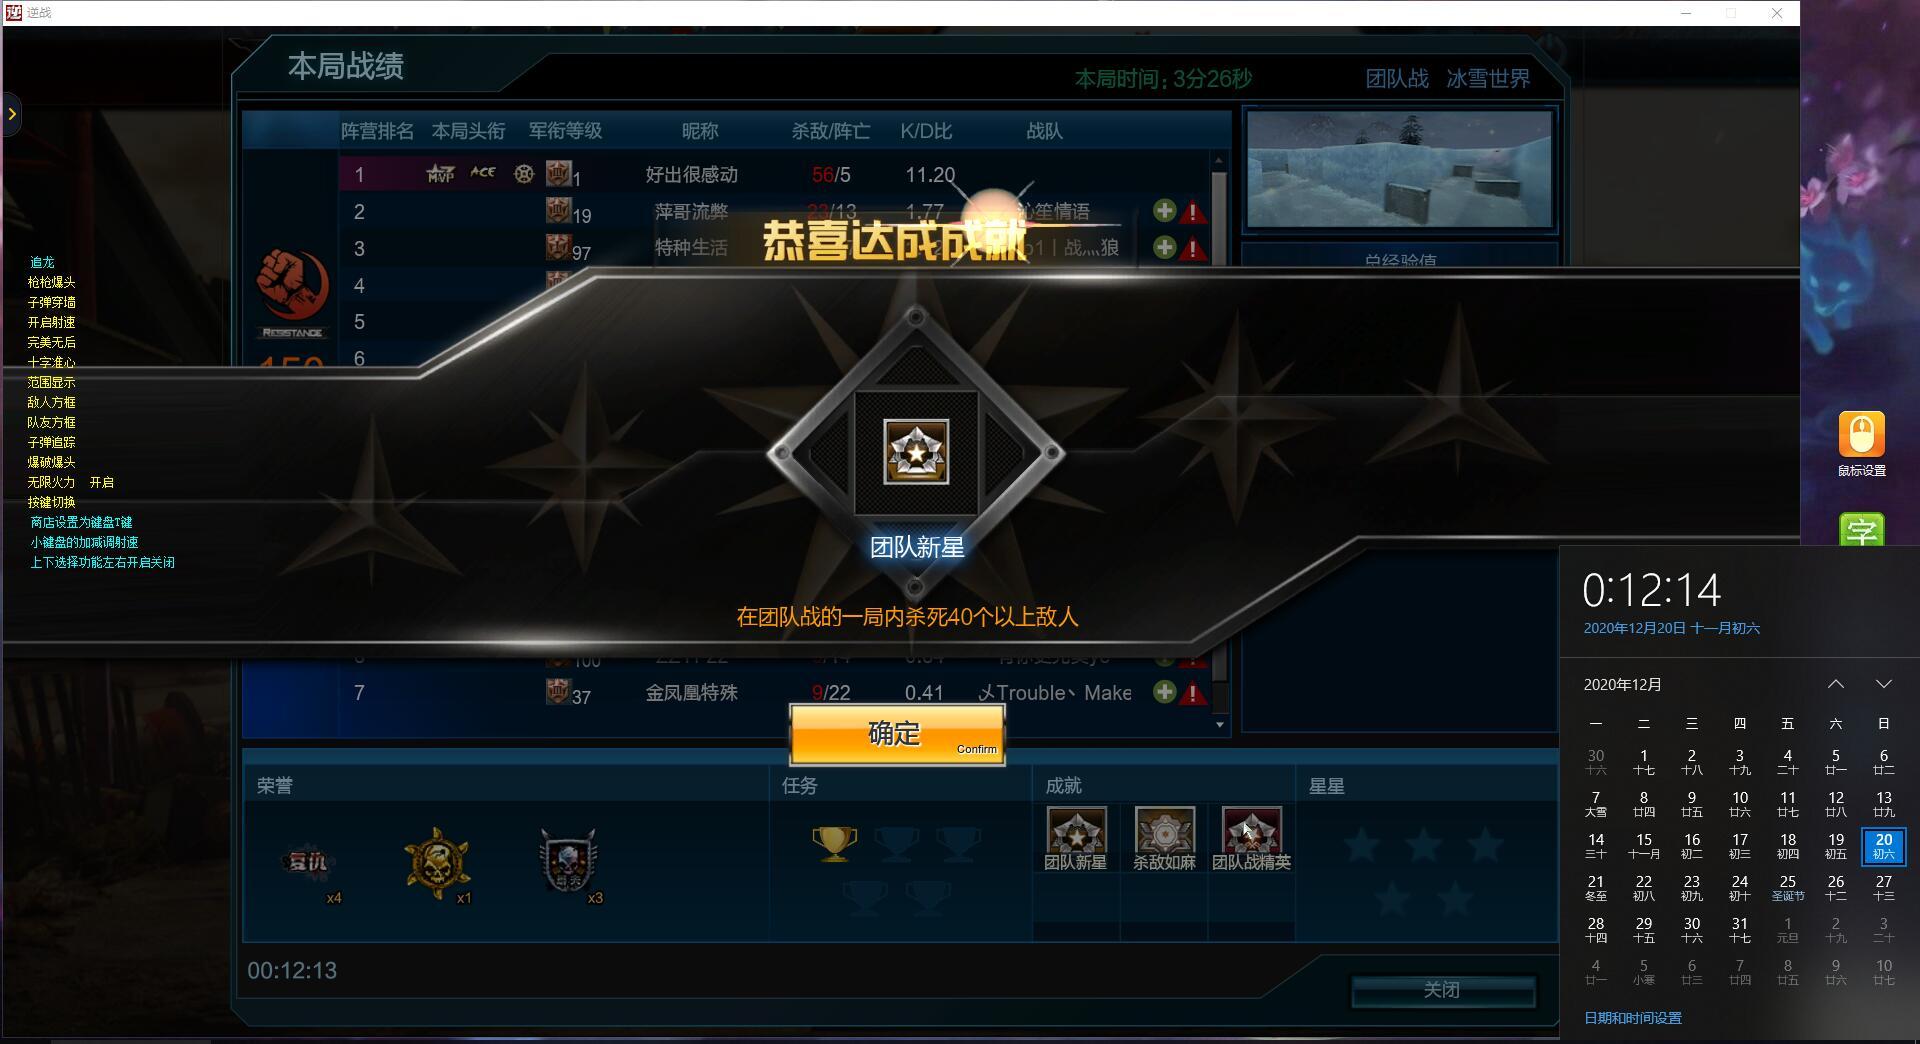 逆战中国红V5.18自瞄追踪无后穿墙变态辅助破解版